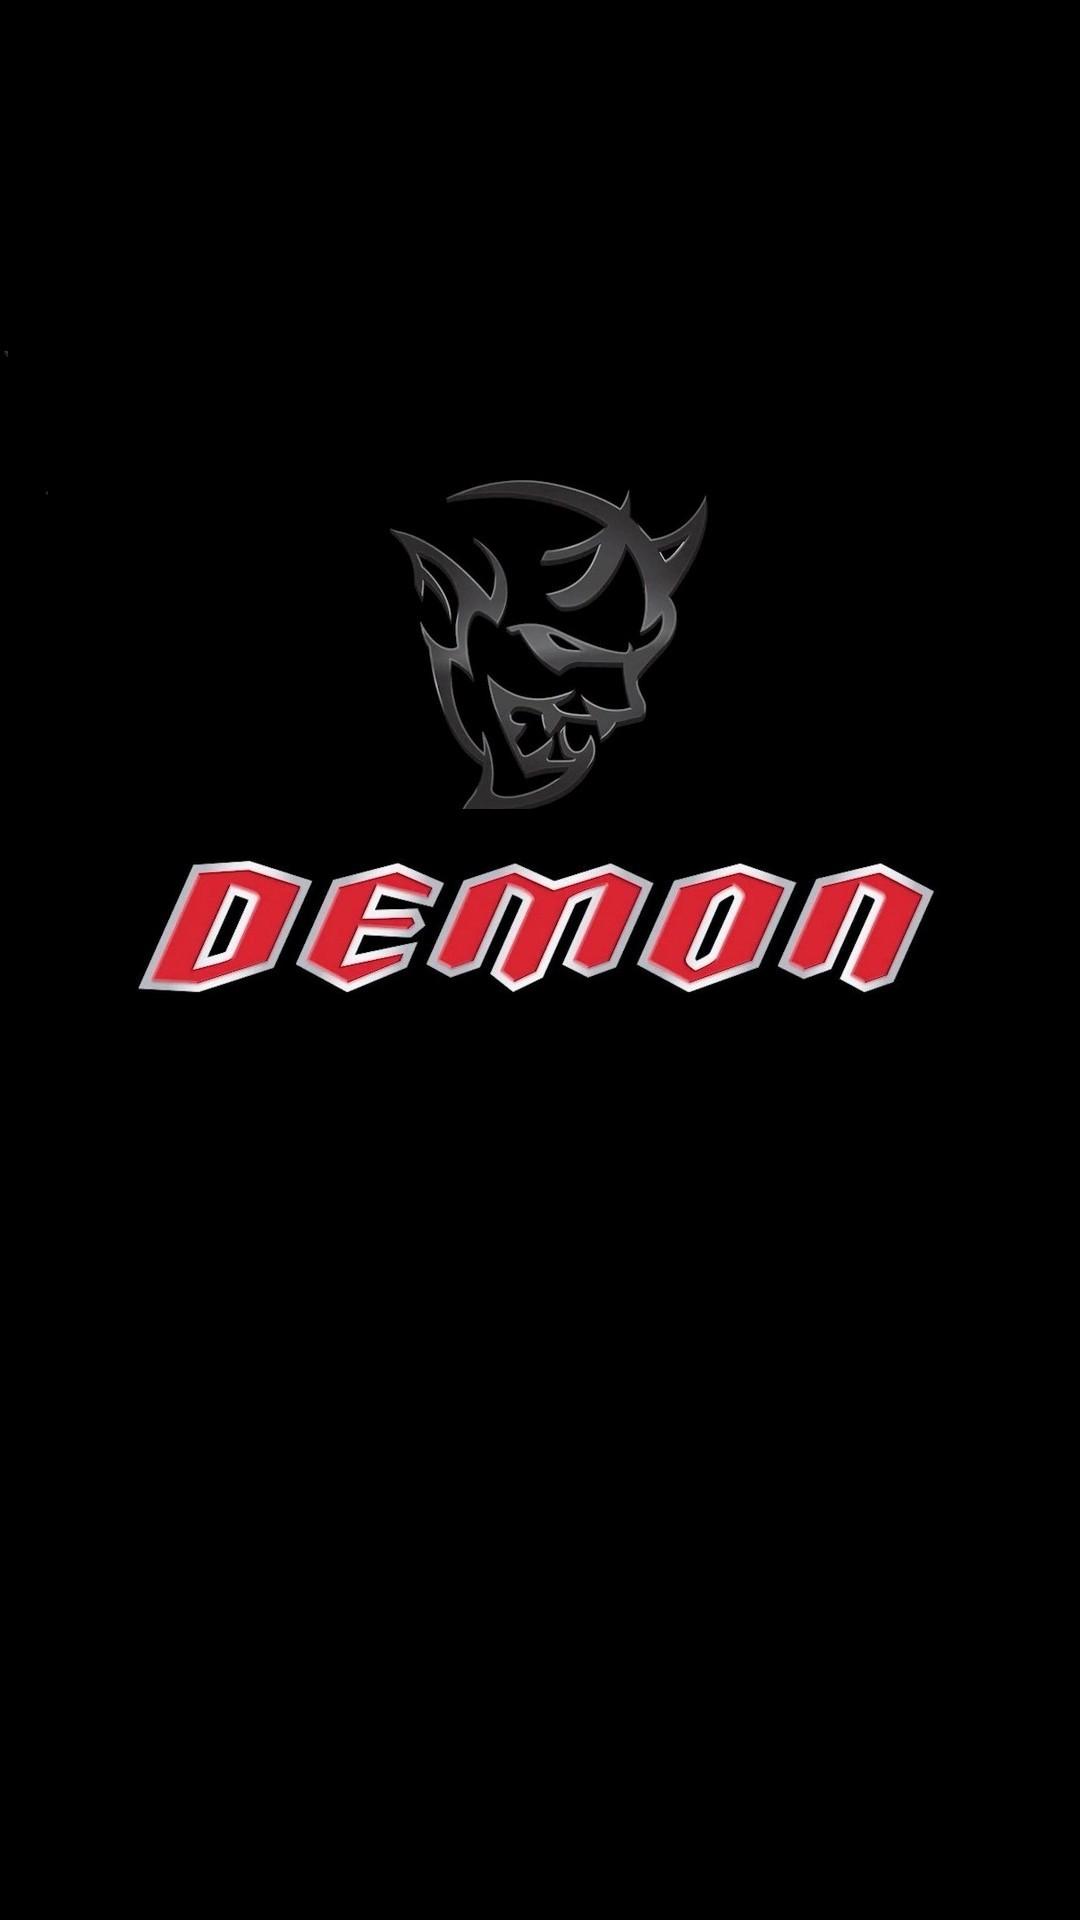 dodge demon logo wallpaper  Dodge Demon Logo iPhone Wallpaper | 2020 3D iPhone Wallpaper - dodge demon logo wallpaper